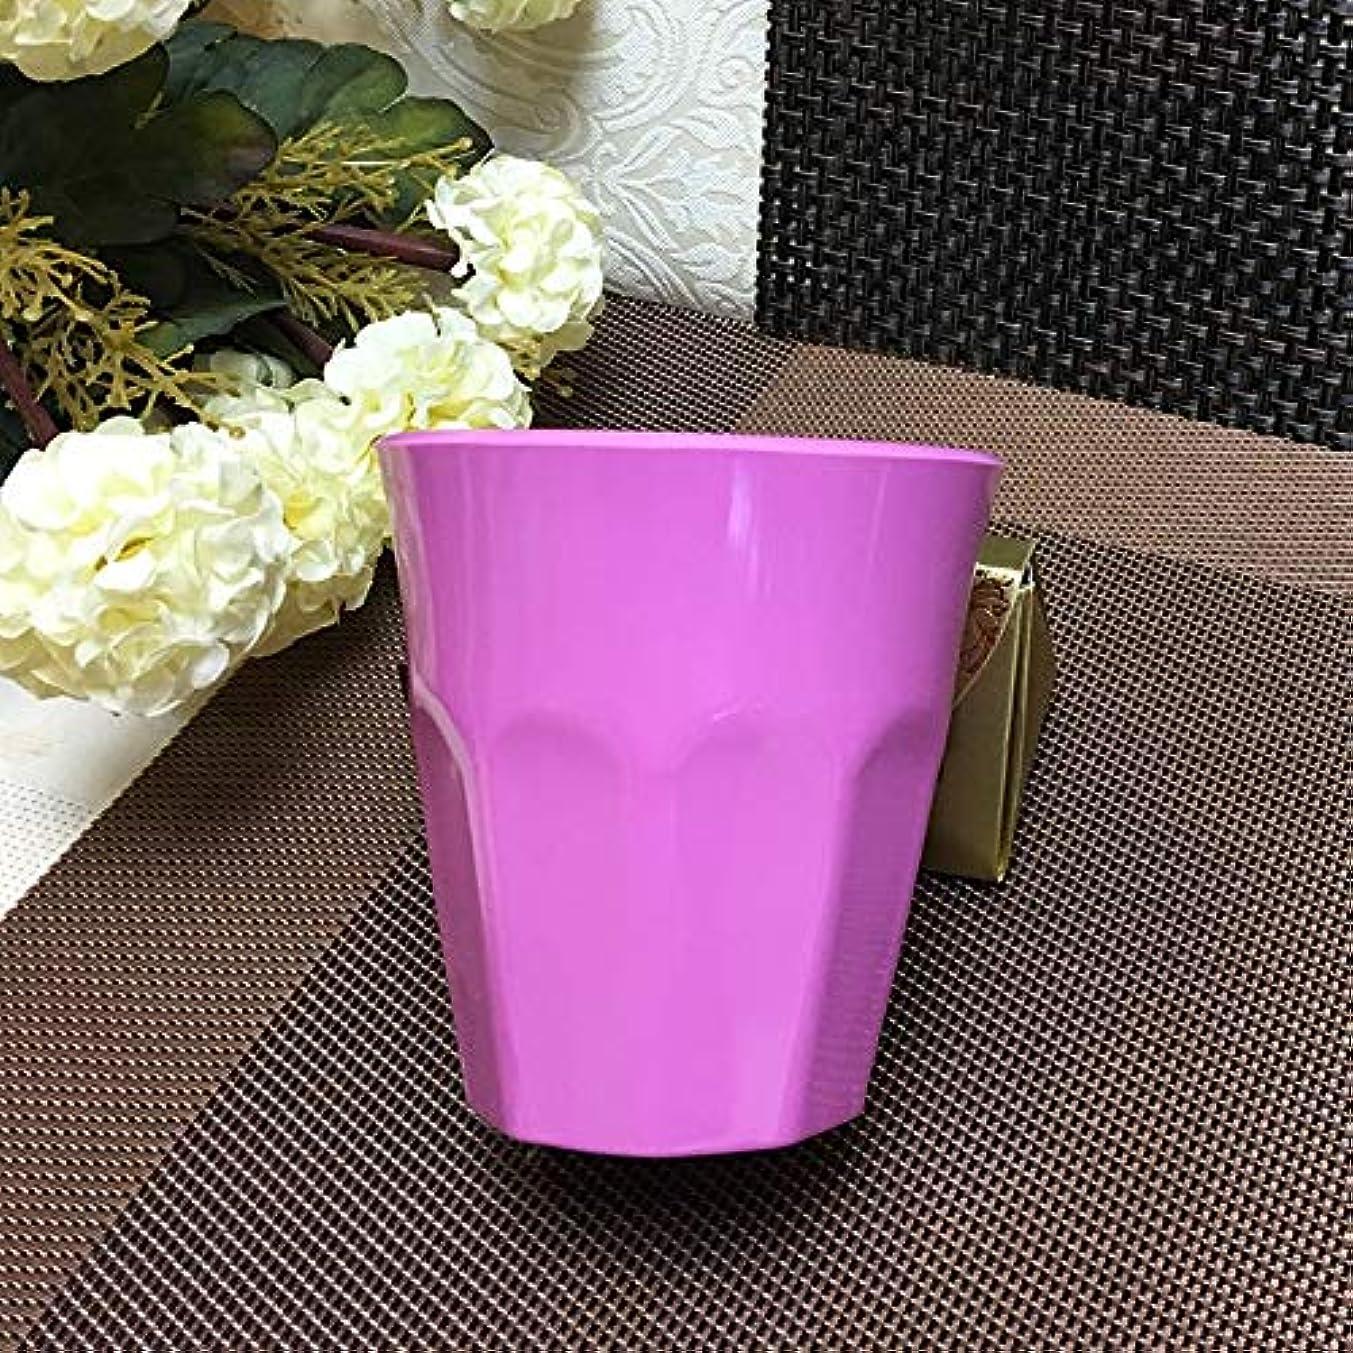 破滅的なページリハーサルMaxcrestas - パーティーキッズカップティーカップワインジュースフルーツドリンクカップMaxcrestas - 1個リユースプラスチック製コップA5メラミンカップタンブラー